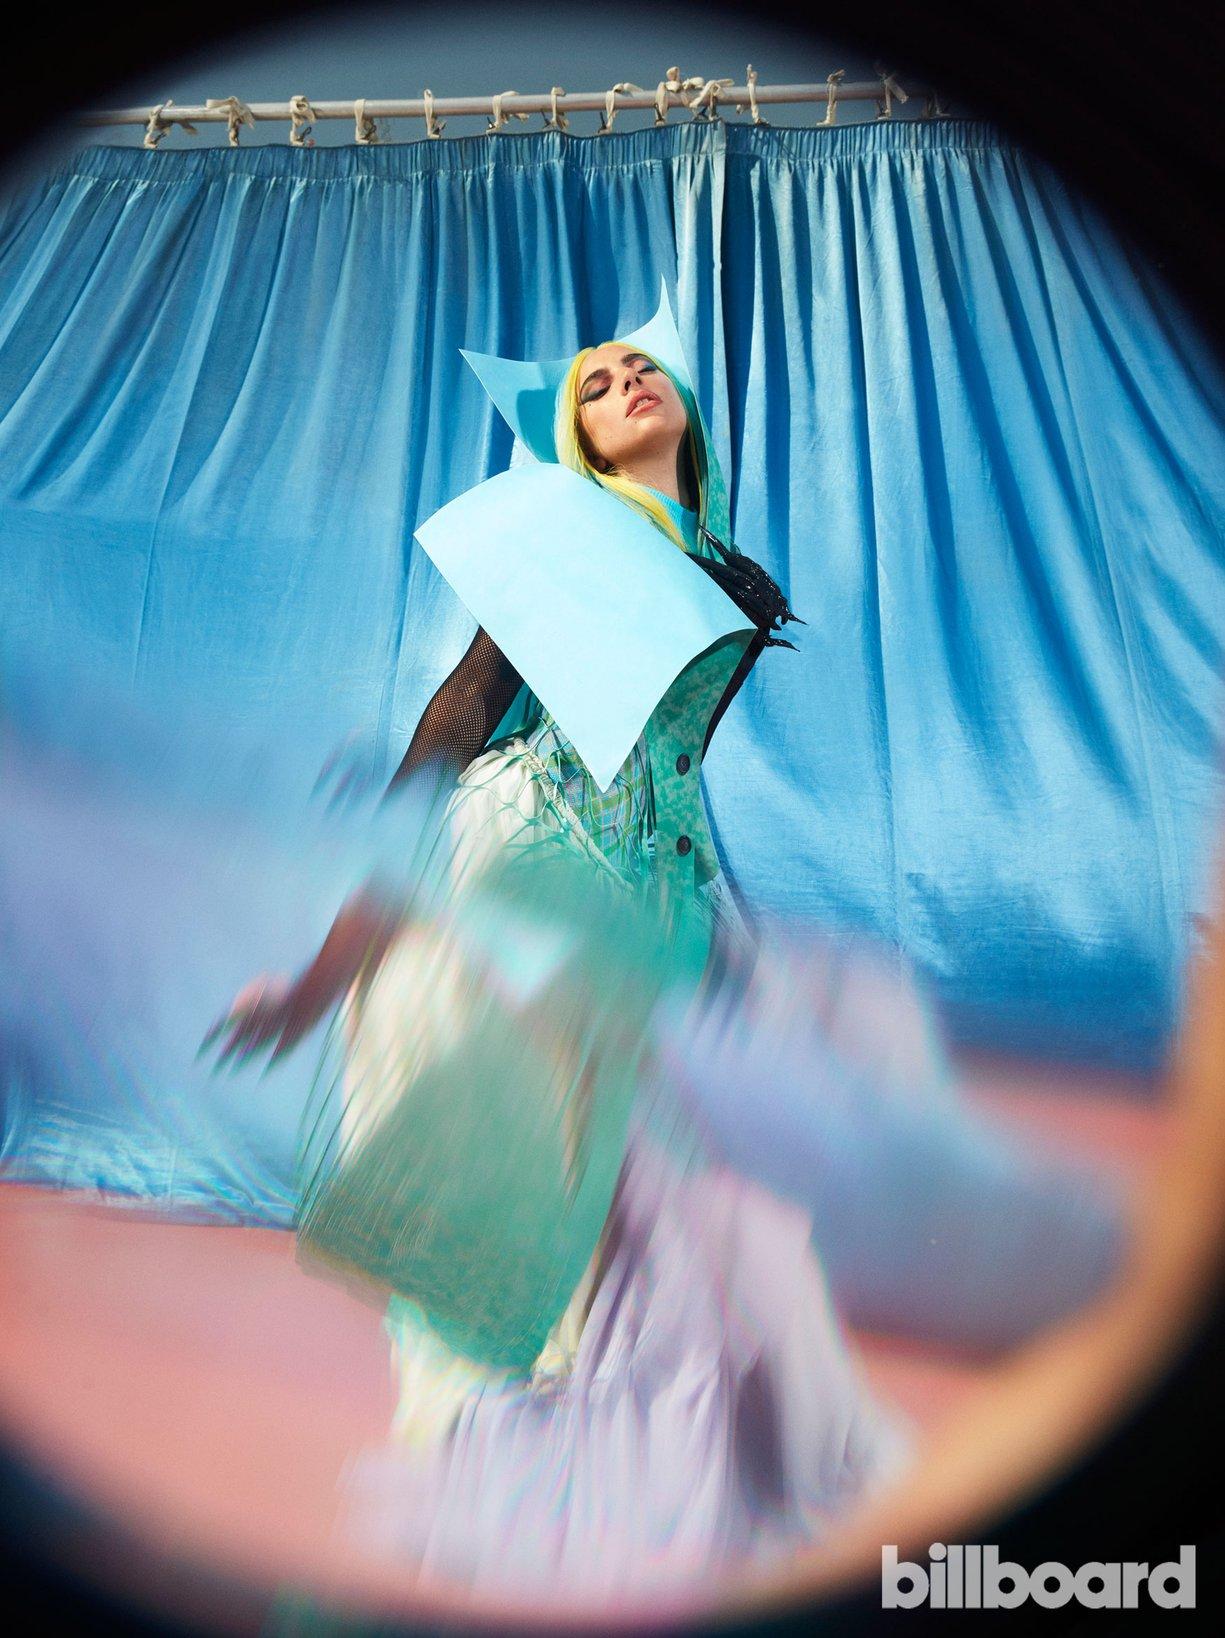 Lady Gaga - Σελίδα 47 Bb-ladygaga-4-ceros-1750